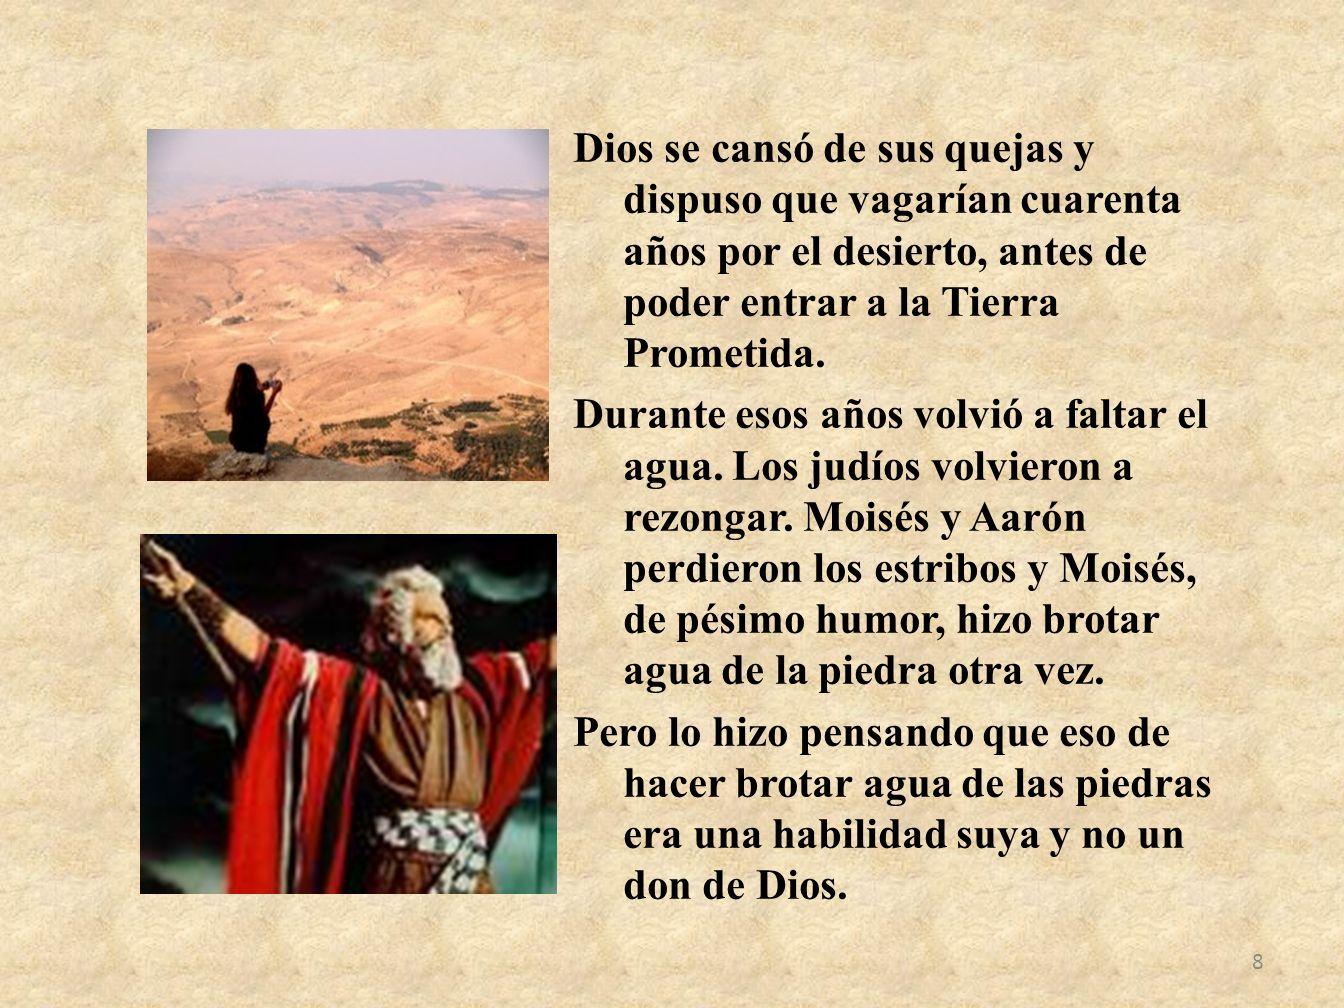 Dios se cansó de sus quejas y dispuso que vagarían cuarenta años por el desierto, antes de poder entrar a la Tierra Prometida. Durante esos años volvi